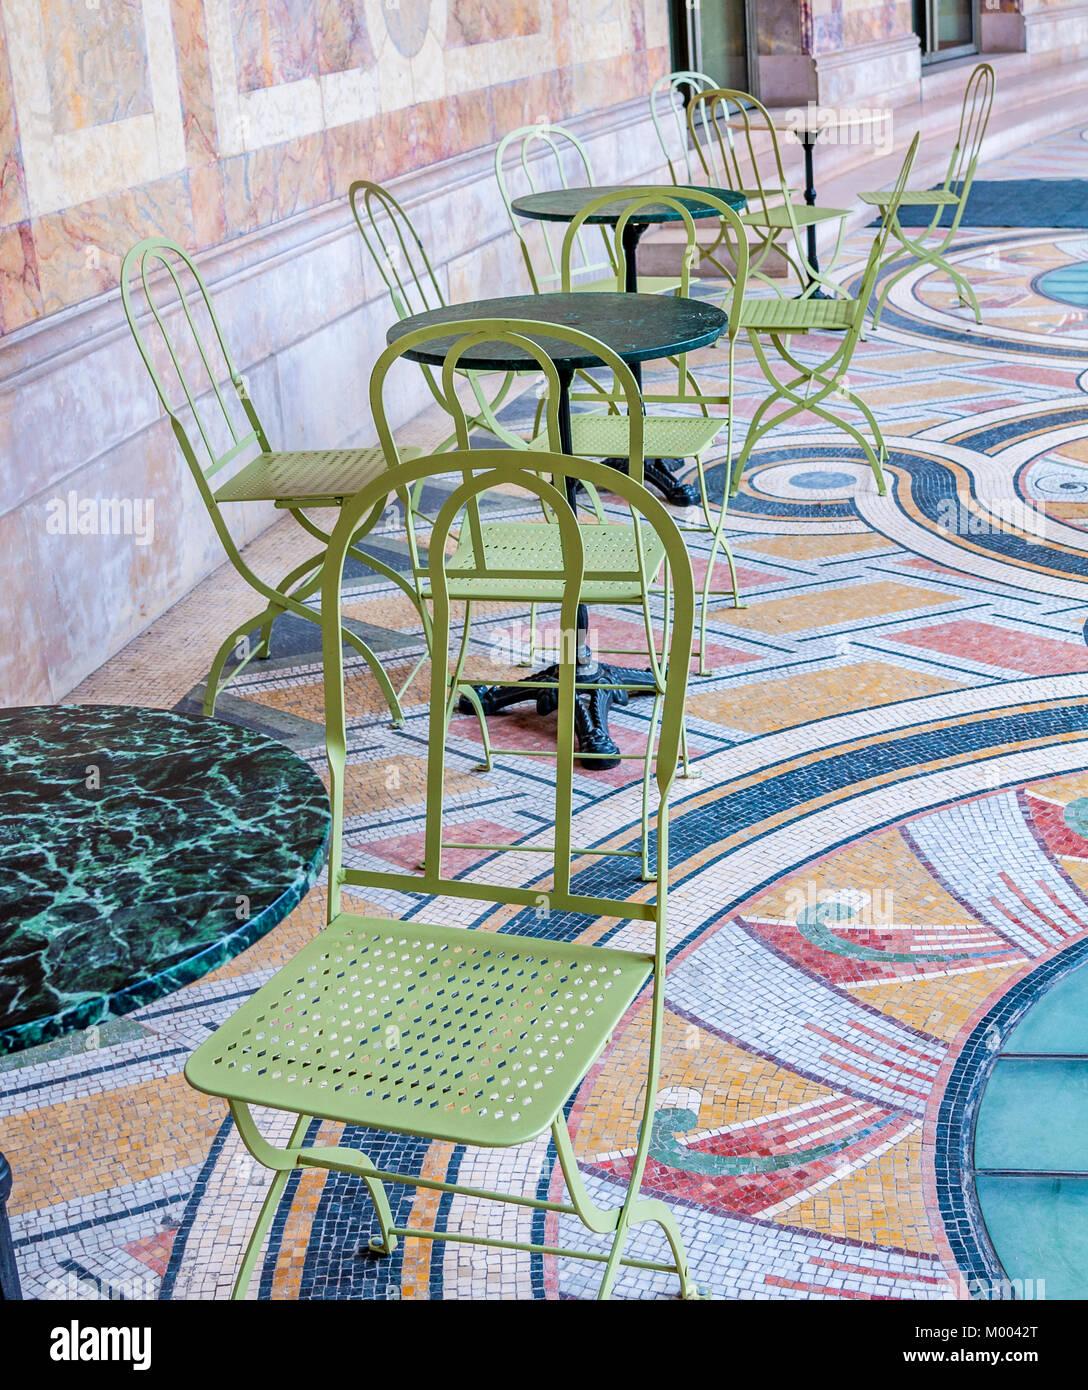 Chaises et tables de jardin vert sur un carrelage en mosaïque à la ...